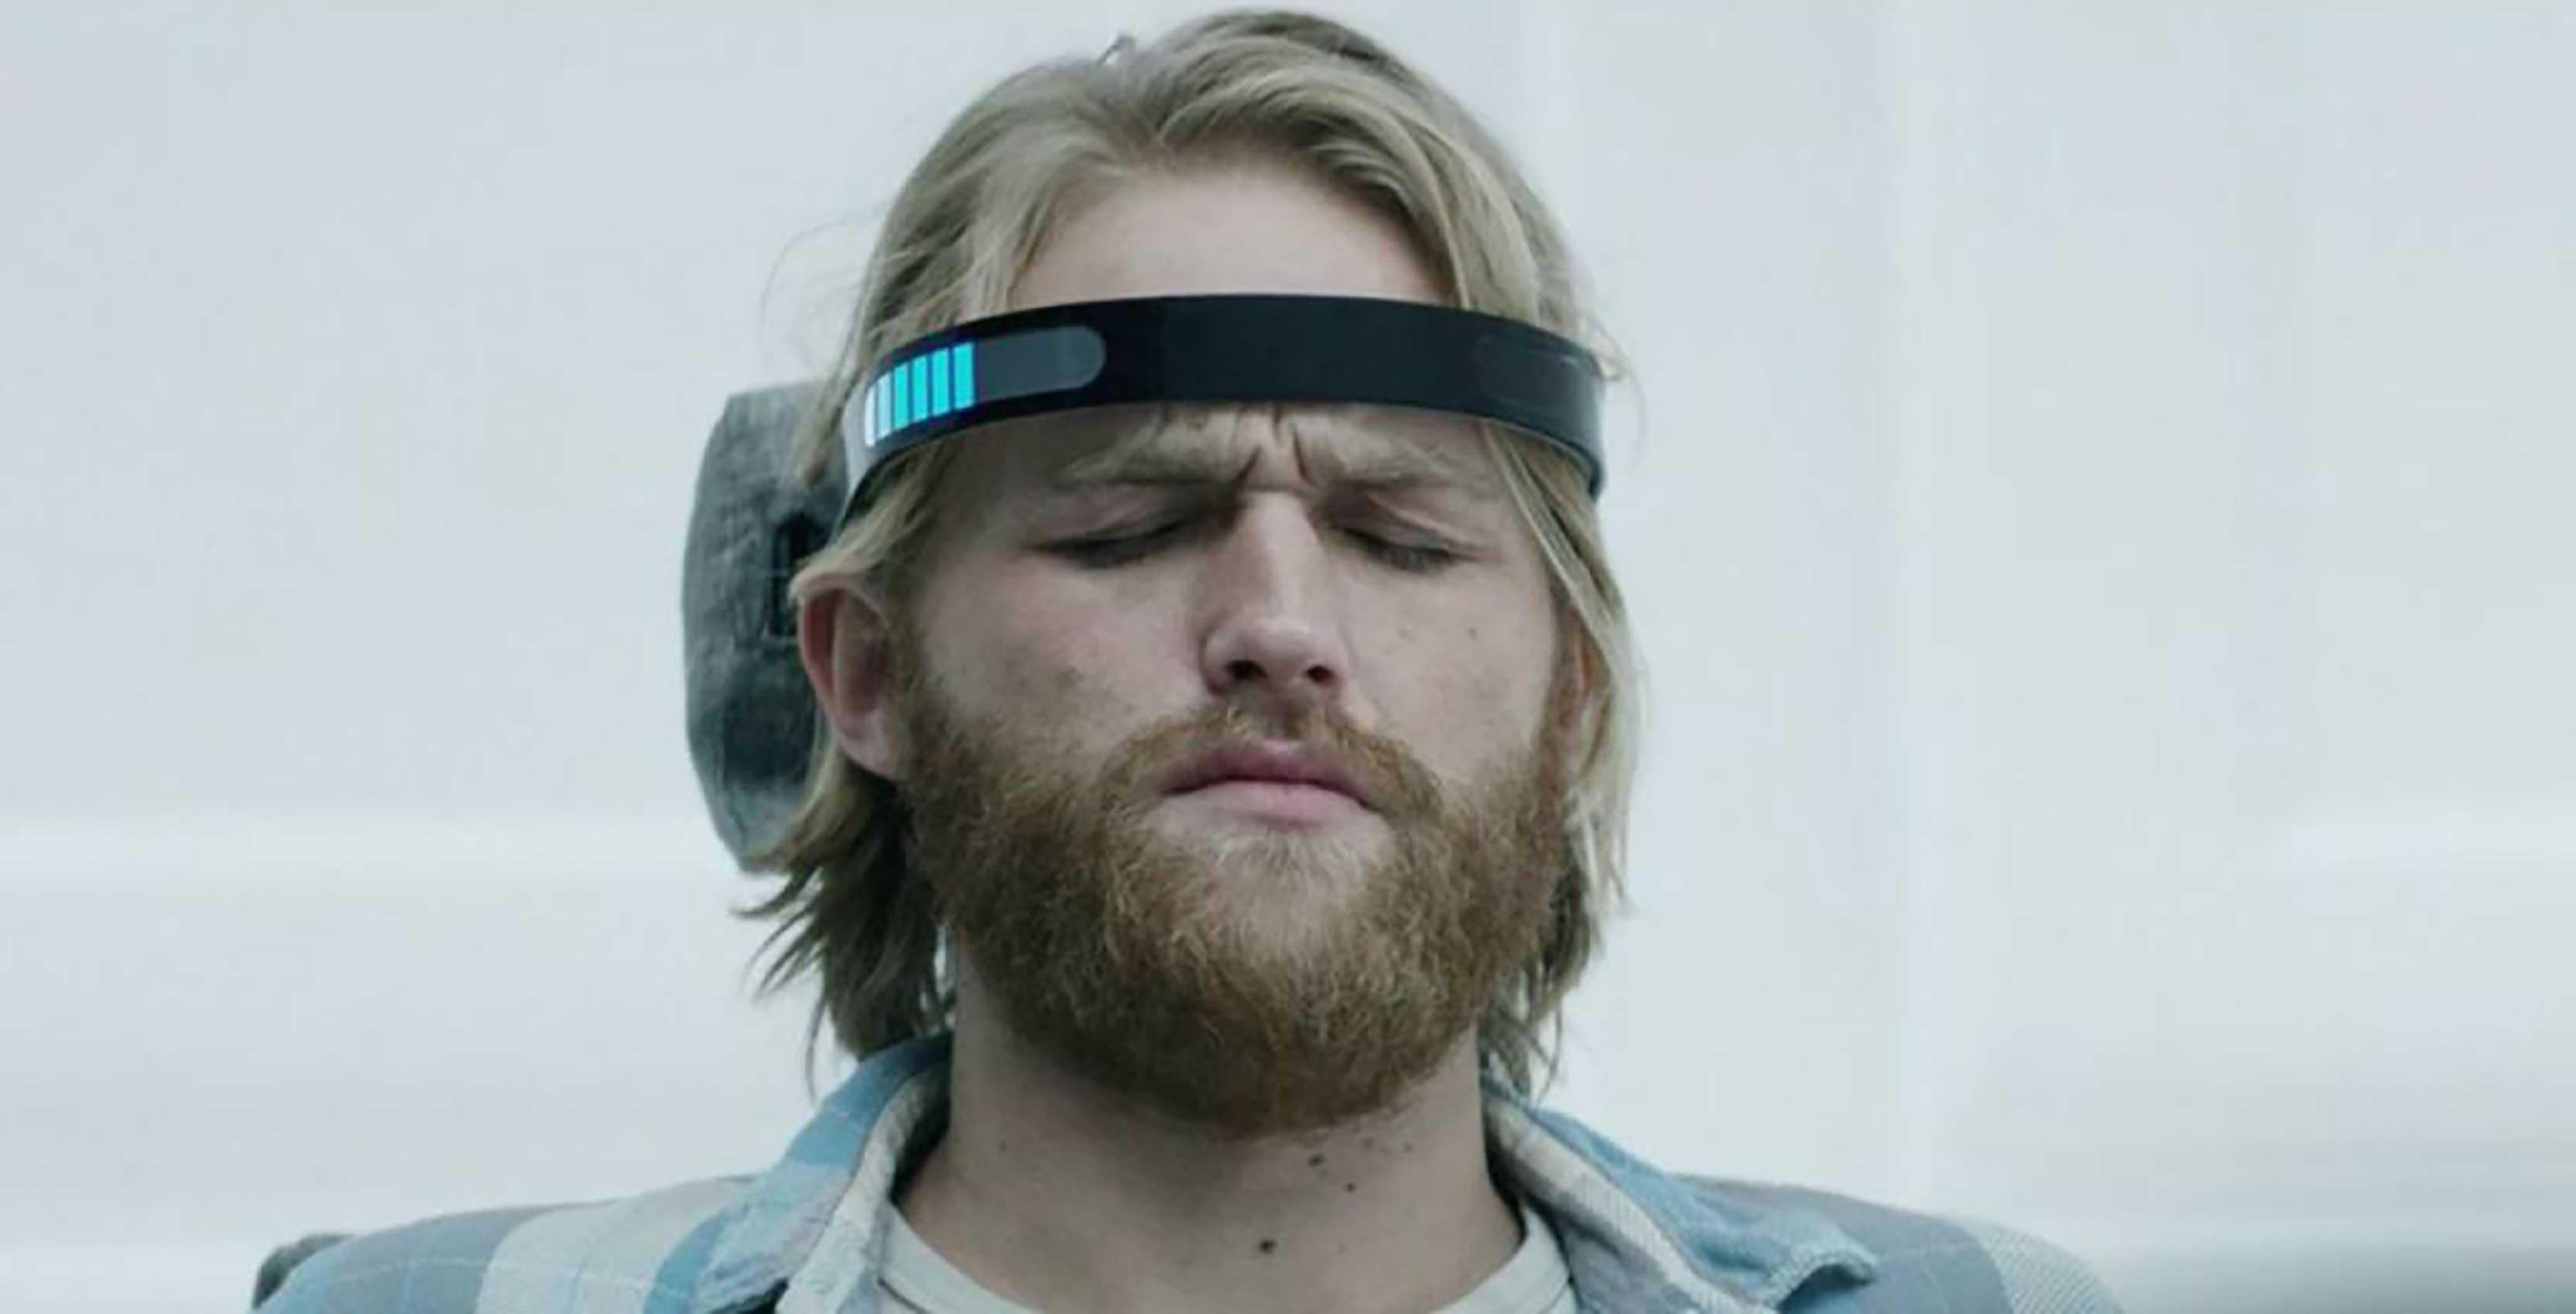 Black Mirror creator proposes remastering old episodes into VR